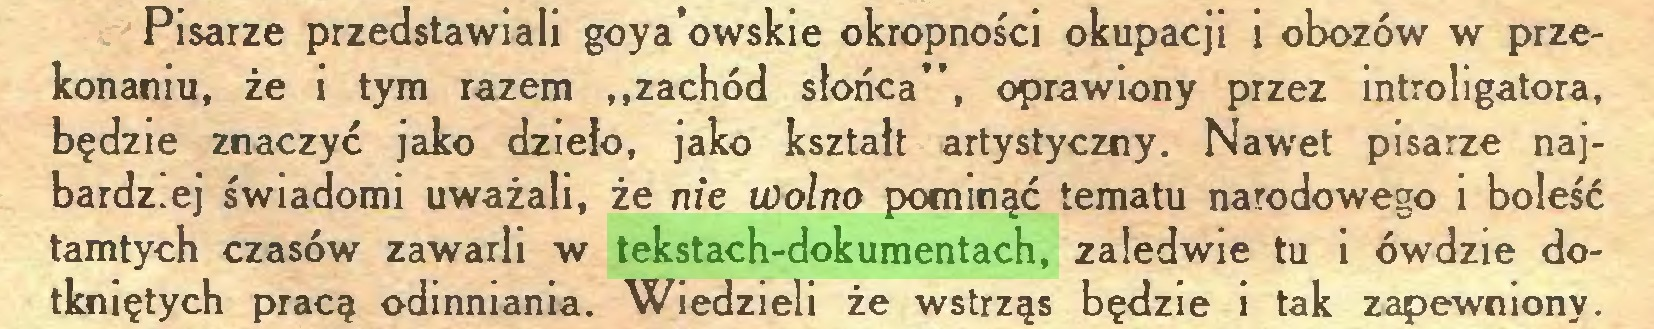 """(...) Pisarze przedstawiali goya'owskie okropności okupacji i obozów w przekonaniu, że i tym razem """"zachód słońca"""", oprawiony przez introligatora, będzie znaczyć jako dzieło, jako kształt artystyczny. Nawet pisarze najbardz.ej świadomi uważali, że nie wolno pominąć tematu narodowego i boleść tamtych czasów zawarli w tekstach-dokumentach, zaledwie tu i ówdzie dotkniętych pracą odinniania. Wiedzieli że wstrząs będzie i tak zapewniony..."""